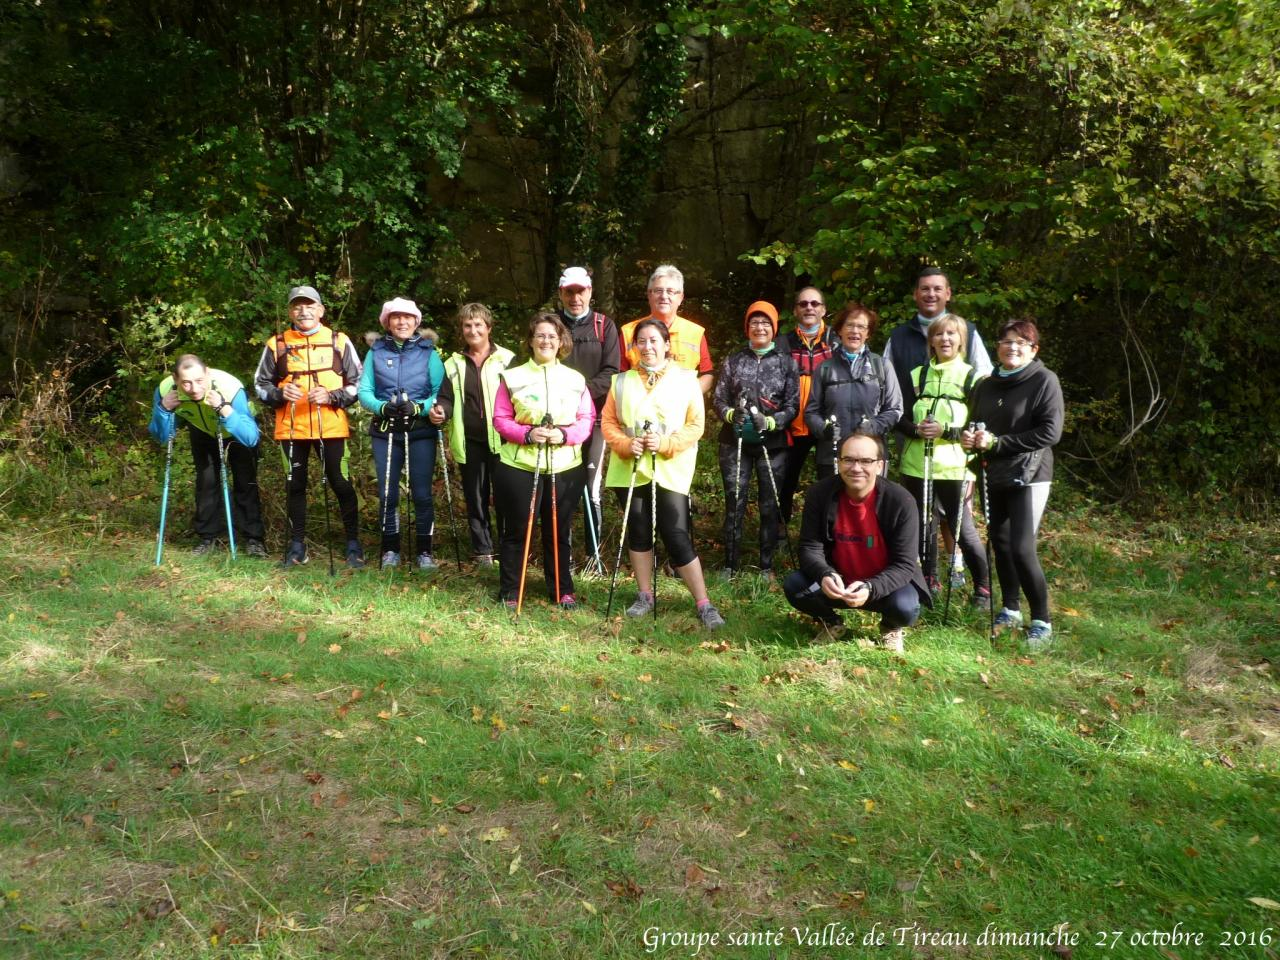 Groupe santé Vallée de Tireau dimanche  30 octobre  2016